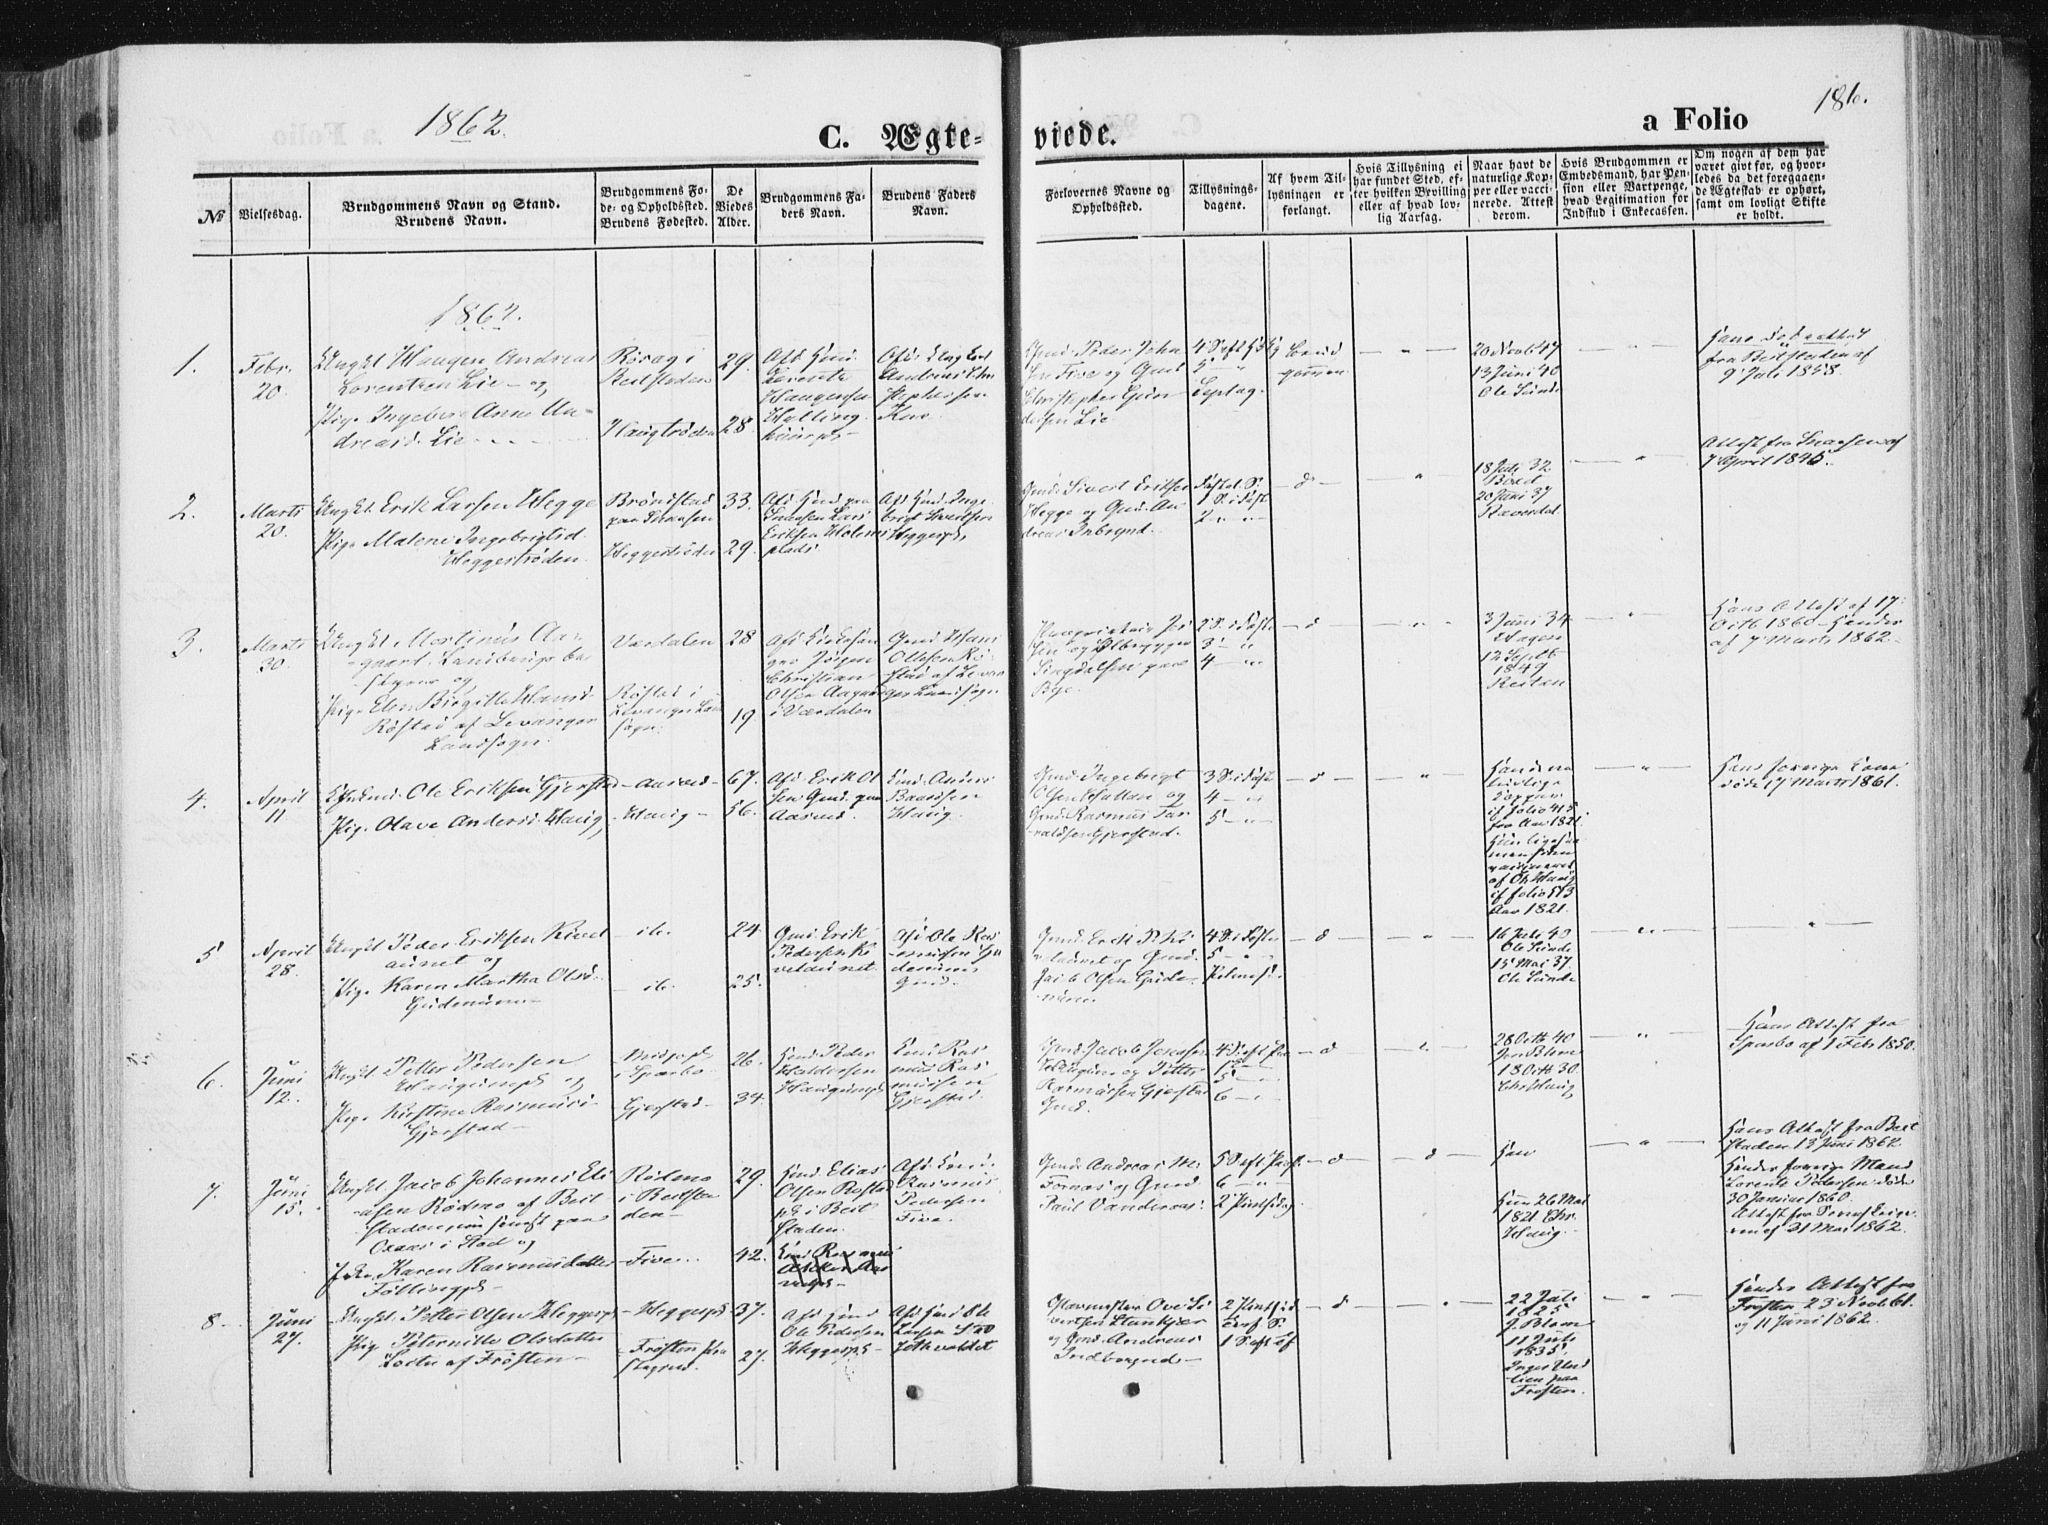 SAT, Ministerialprotokoller, klokkerbøker og fødselsregistre - Nord-Trøndelag, 746/L0447: Ministerialbok nr. 746A06, 1860-1877, s. 186